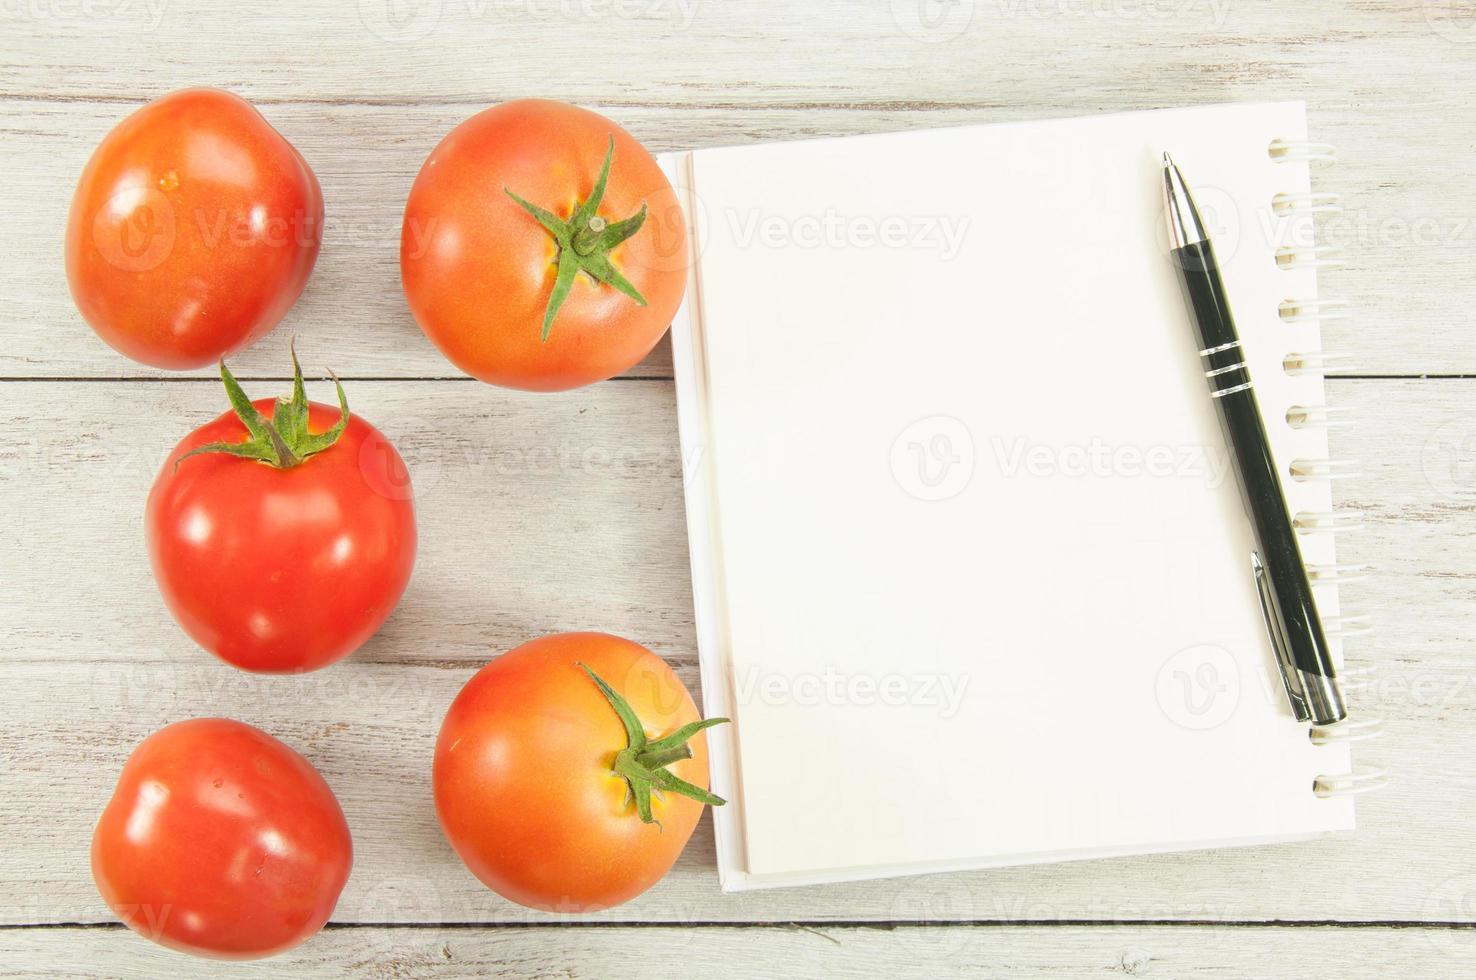 livre de recettes avec des ingrédients. photo